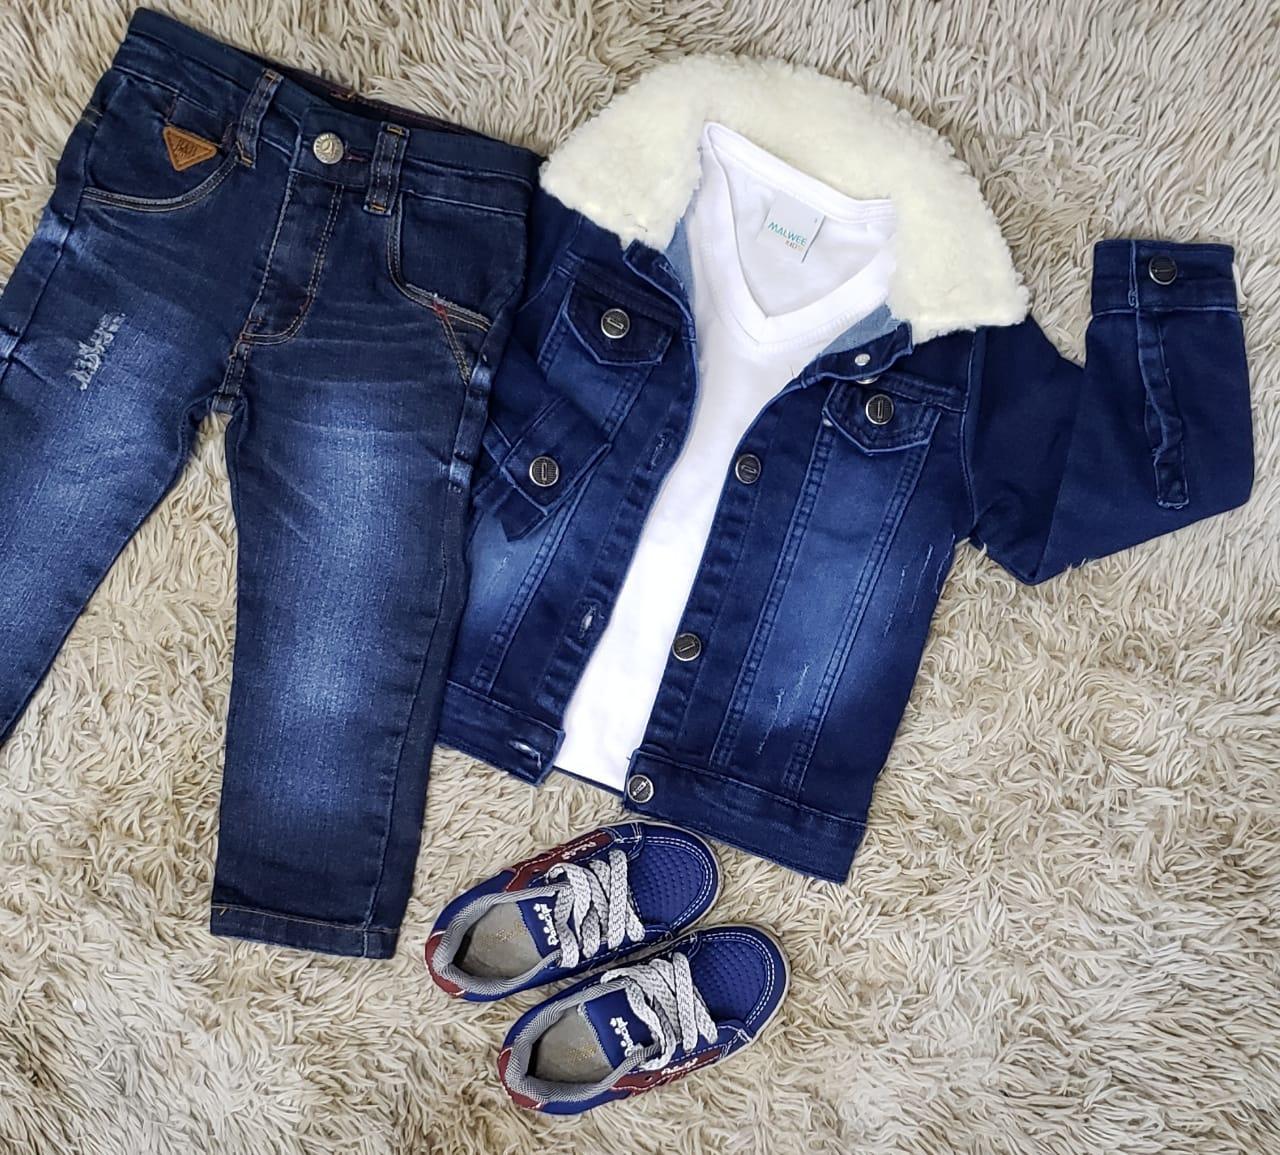 Calça Jeans com Camiseta Branca e Jaqueta Jeans